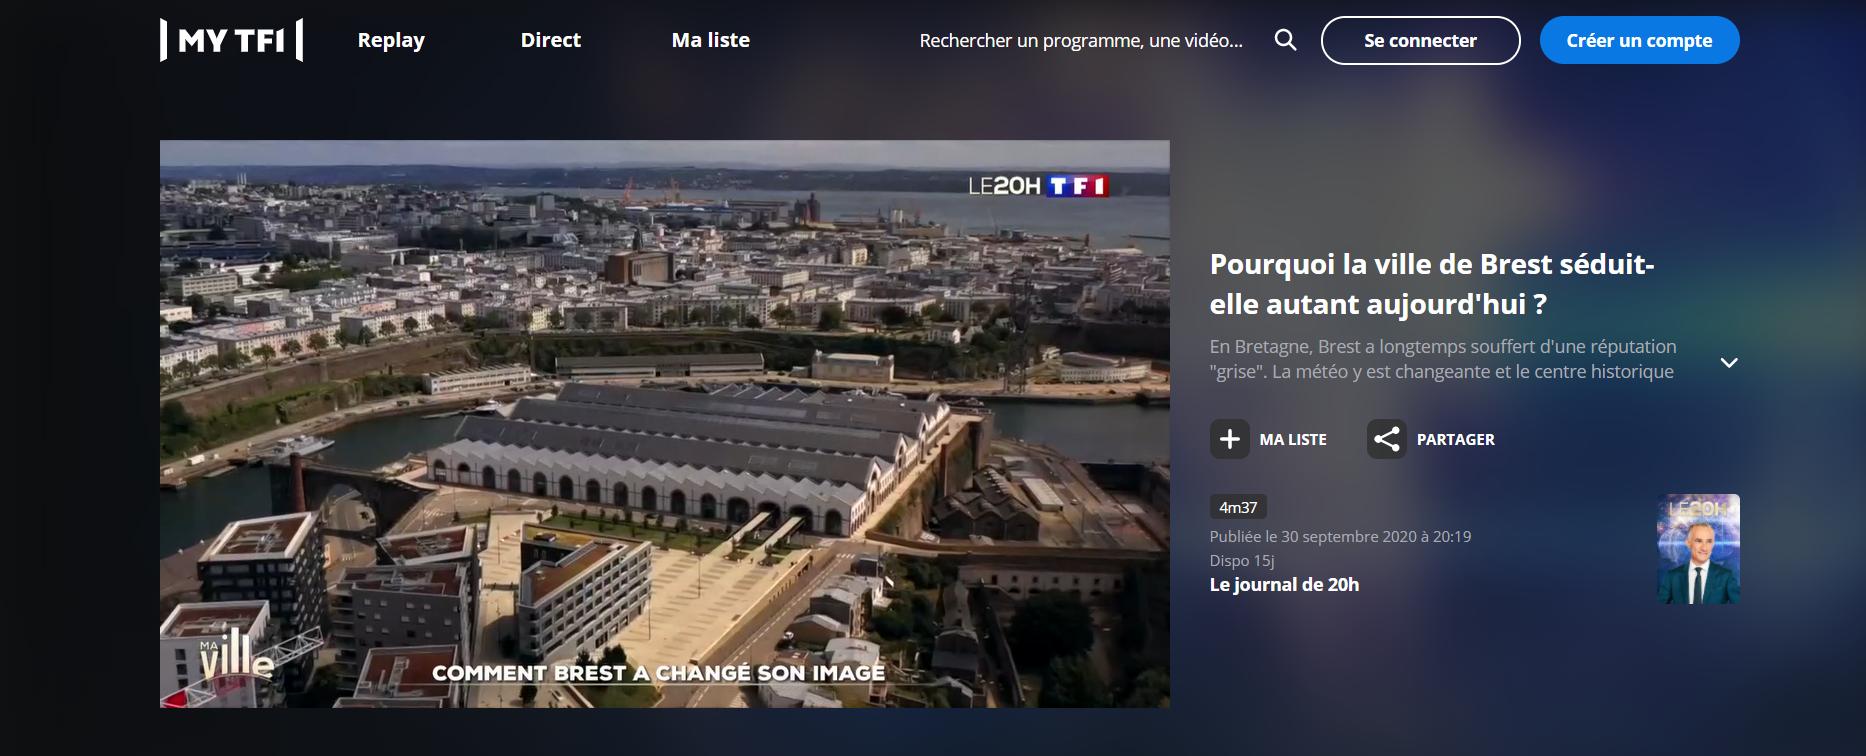 Pourquoi la ville de Brest séduit-elle autant aujourd'hui ? Un reportage à voir sur TF1